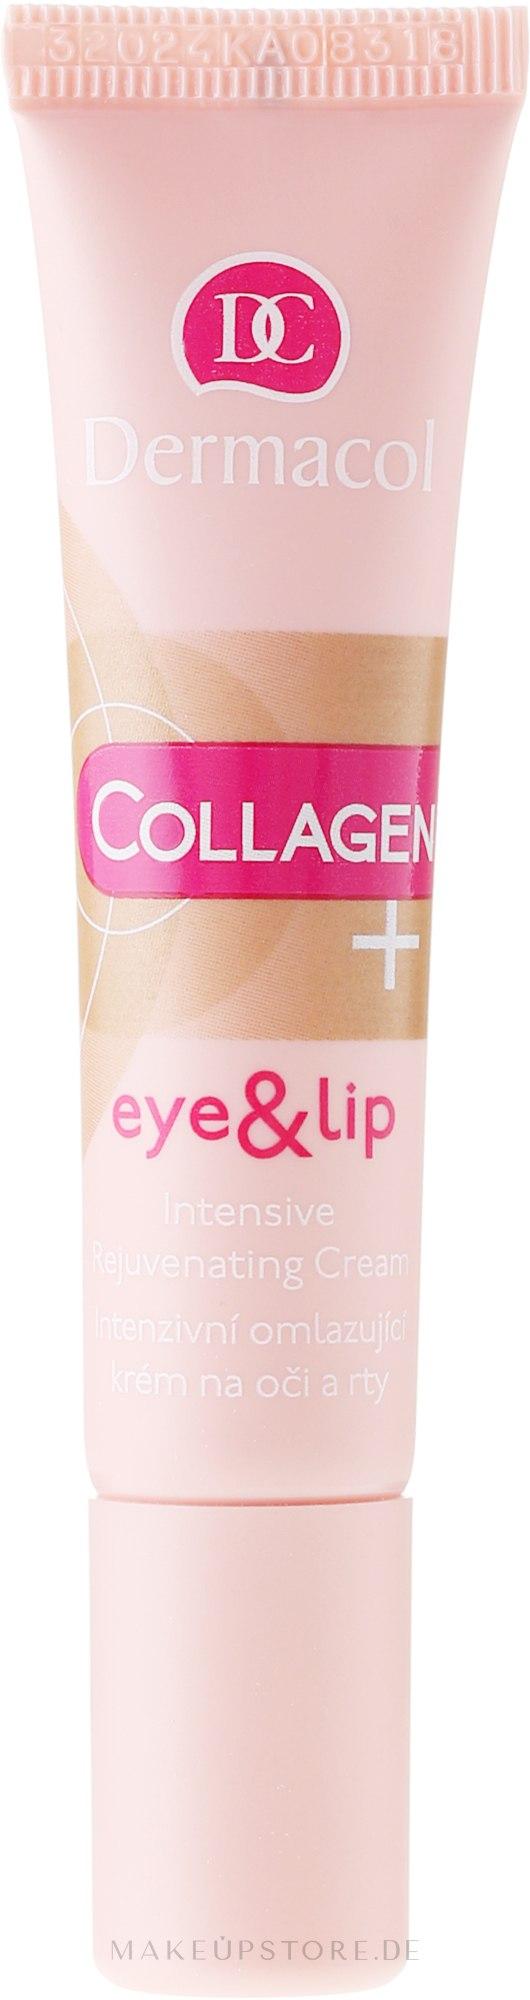 Intensiv verjüngende Augen- und Lippenkonturcreme - Dermacol Collagen+ Eye & Lip Cream — Bild 15 ml